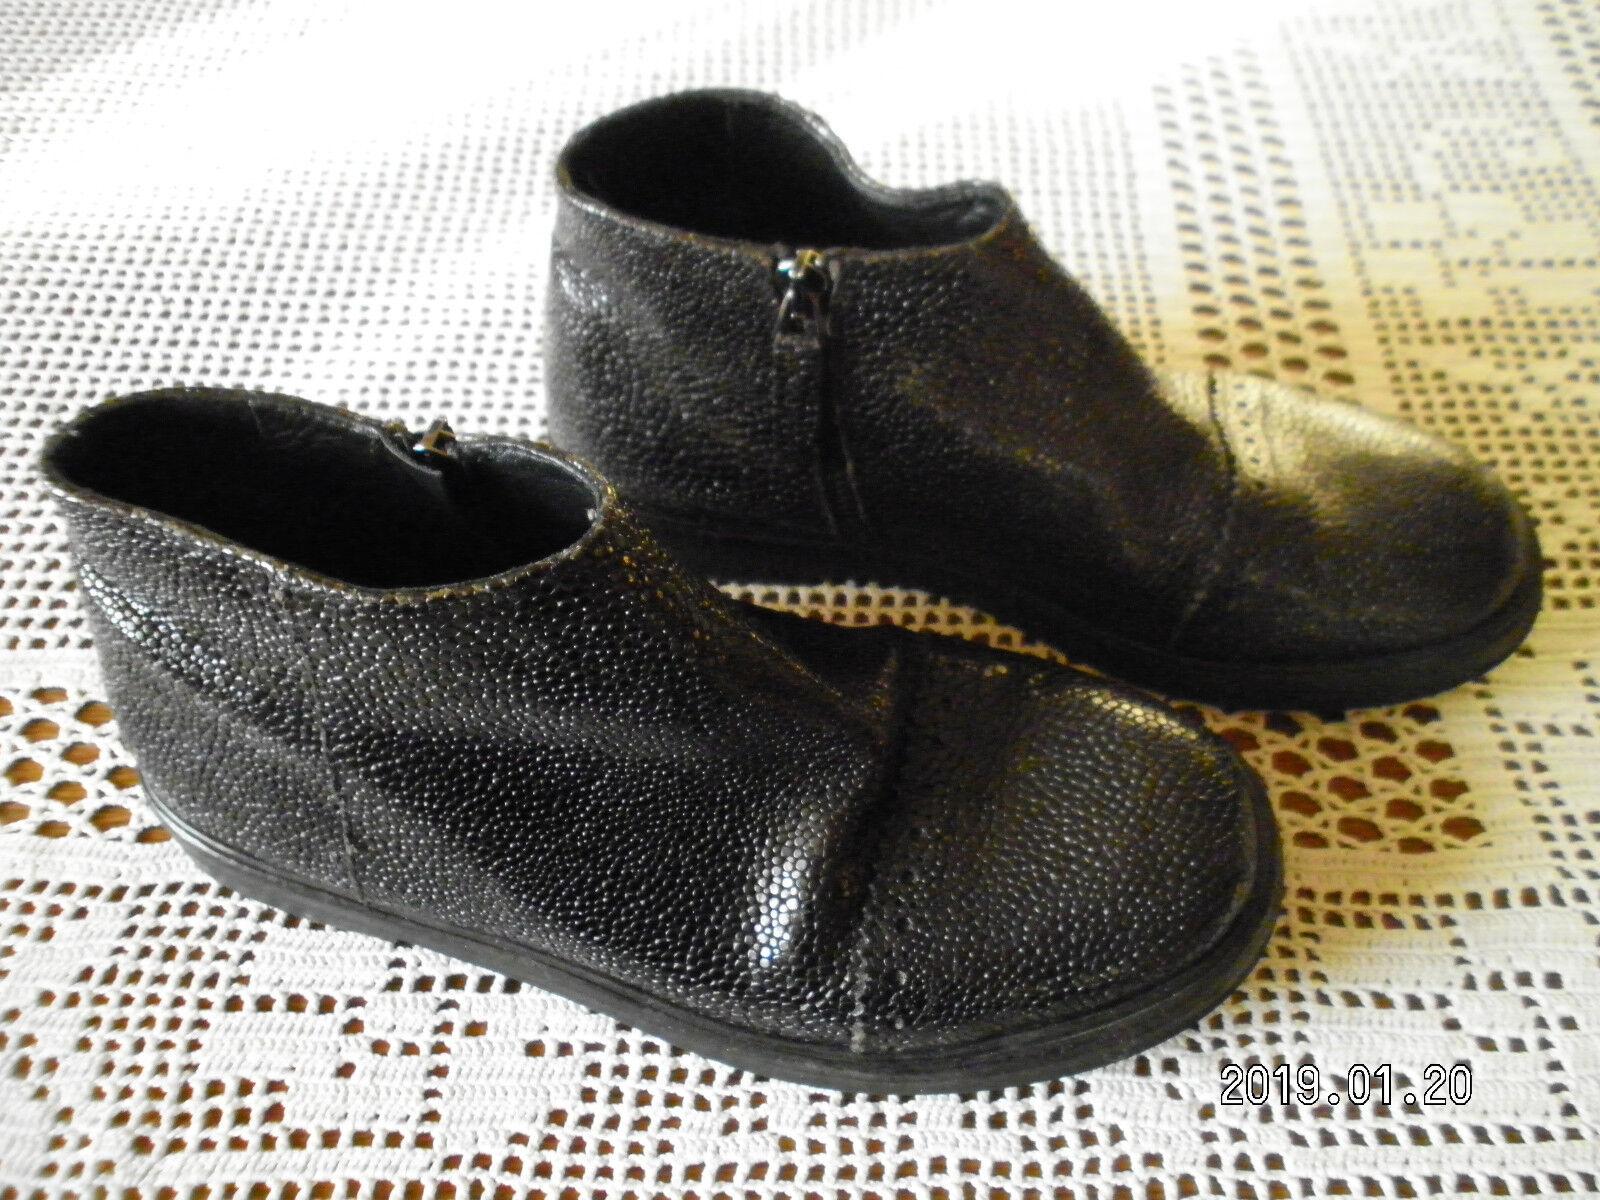 Sconto del 70% a buon mercato RUNDHOLZ linea principale, principale, principale, Scarpe scarpe da ginnastica, Tg. 37, Nero, impresso in pelle, lagenl. traumt.  omaggi allo stadio